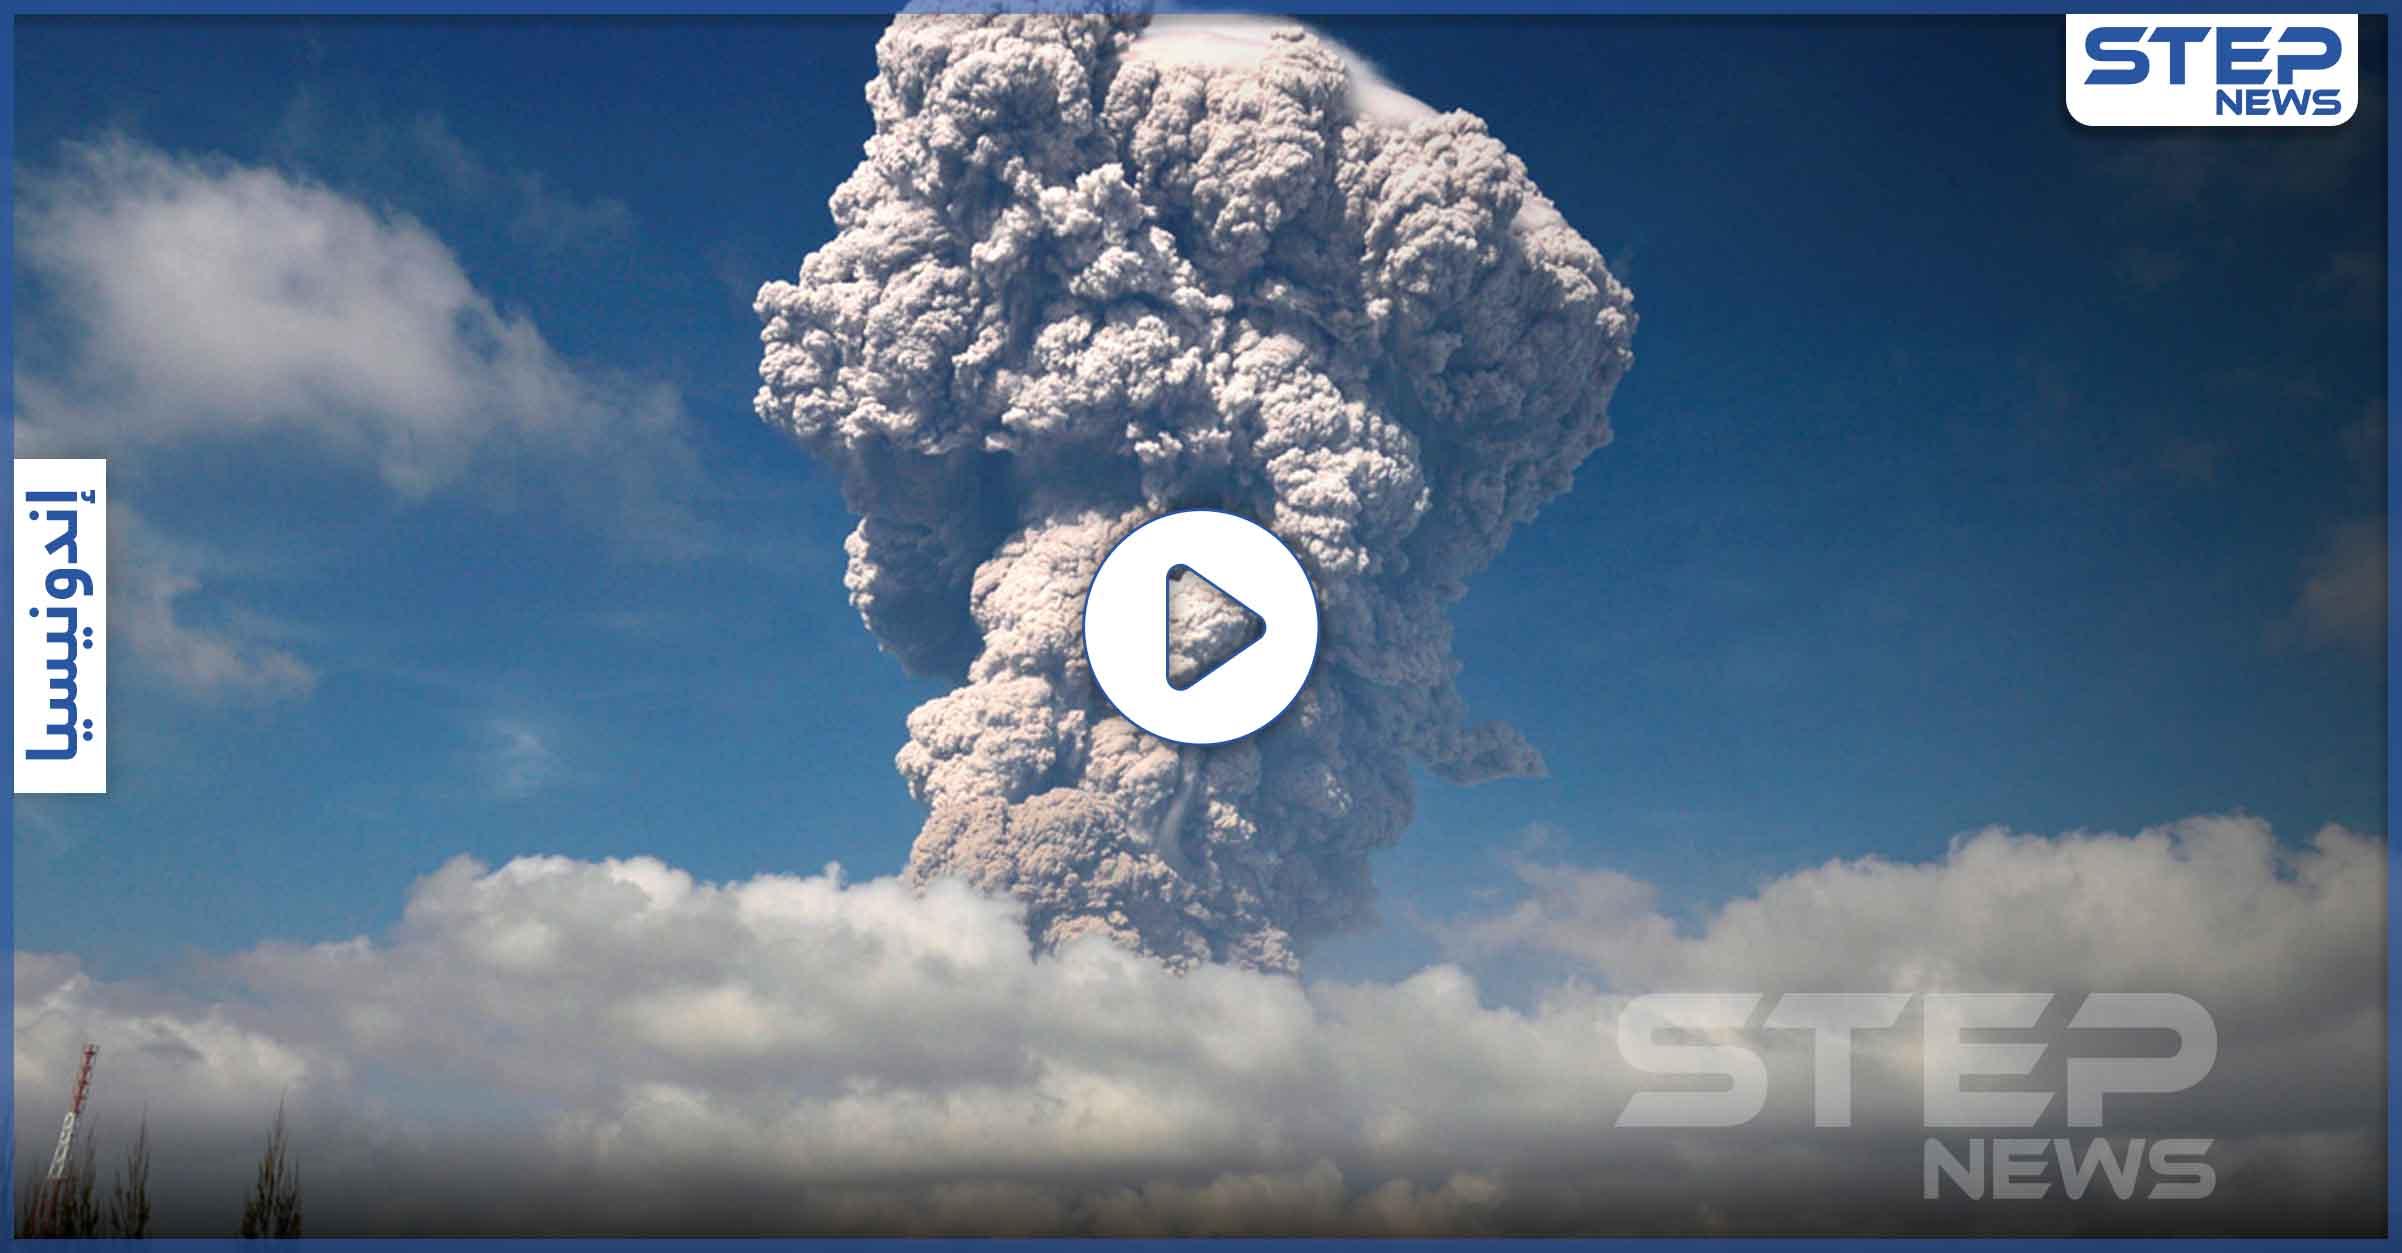 بالفيديو|| بركان سبق وتسبب بمقتل المئات يعود للنشاط والثوران مغلقاً المجال الجوي بهذا البلد